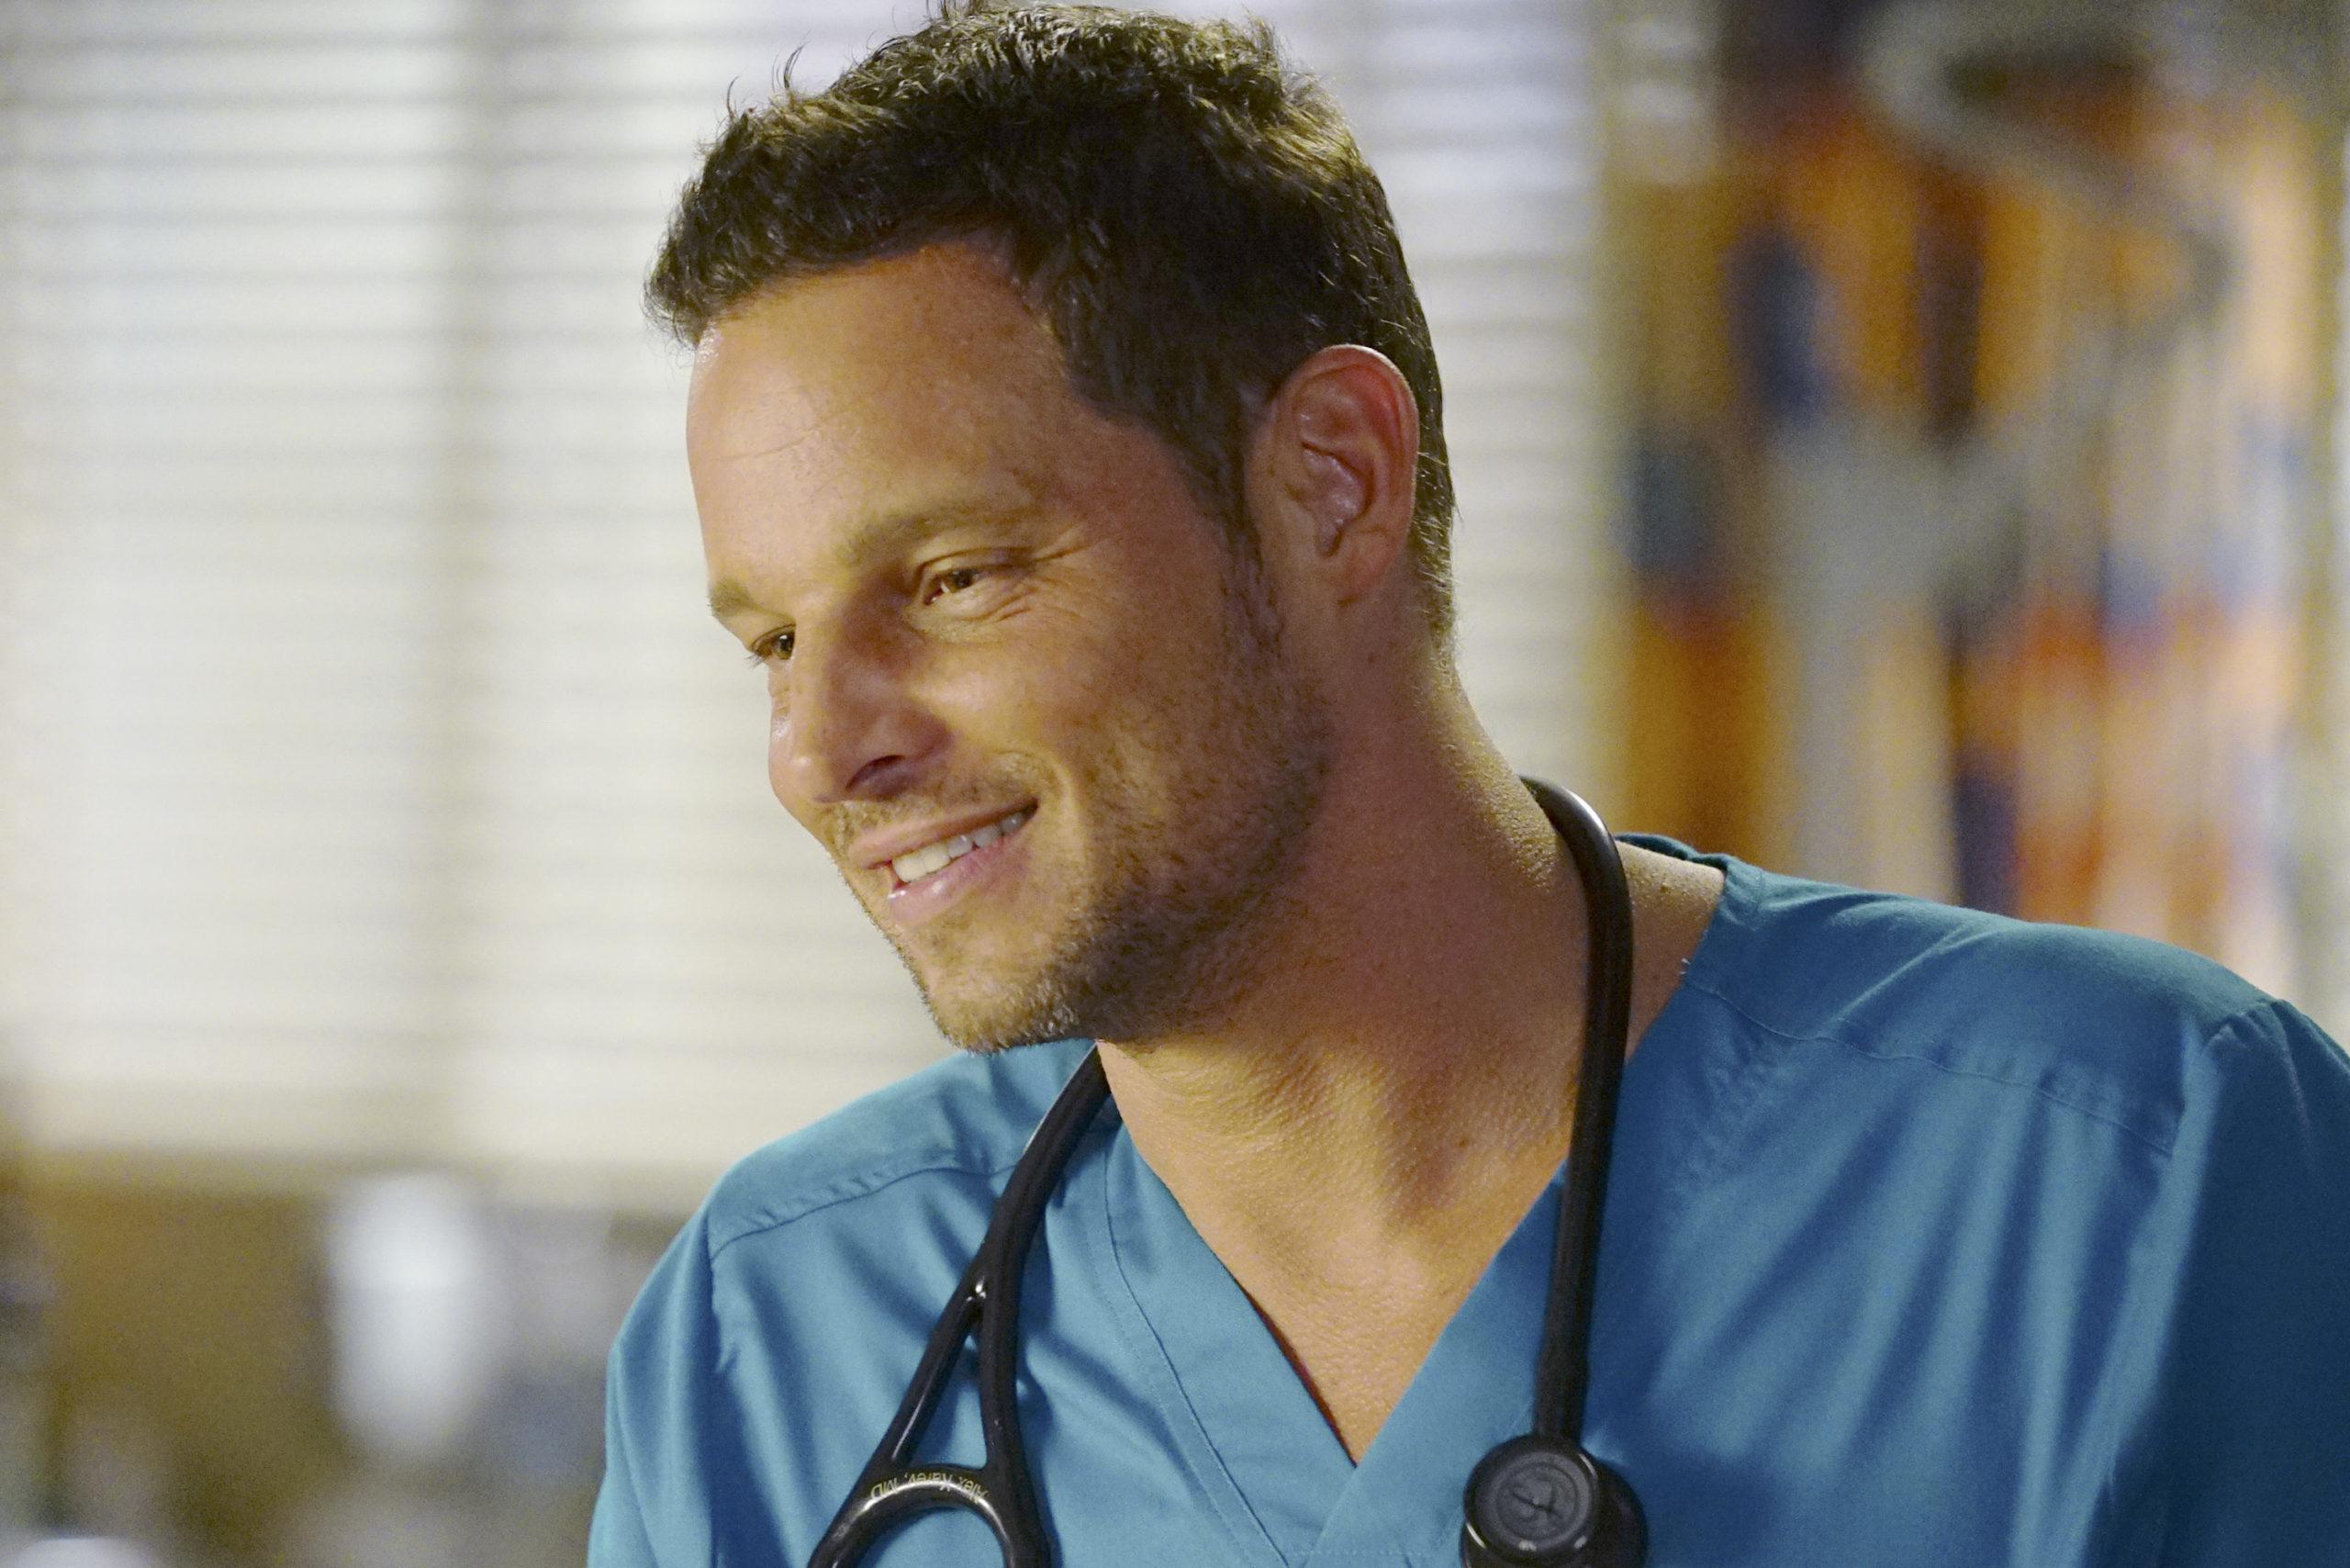 La popular serie Grey's Anatomy revelará el destino de Alex Karev